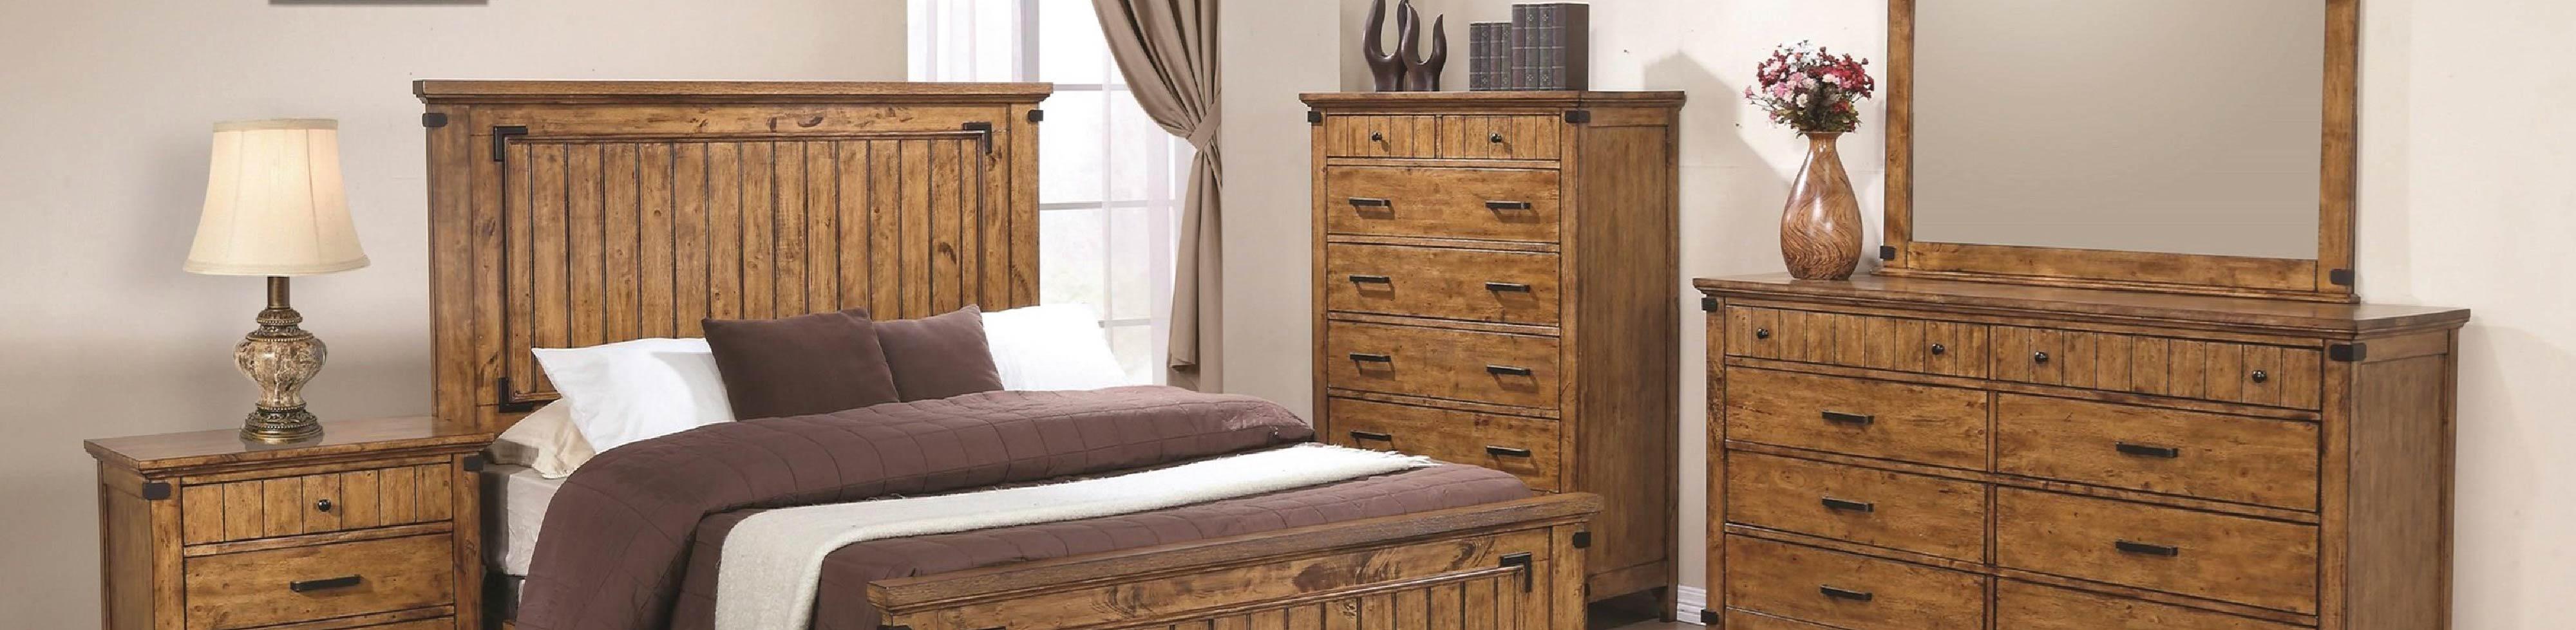 shekhawati furniture